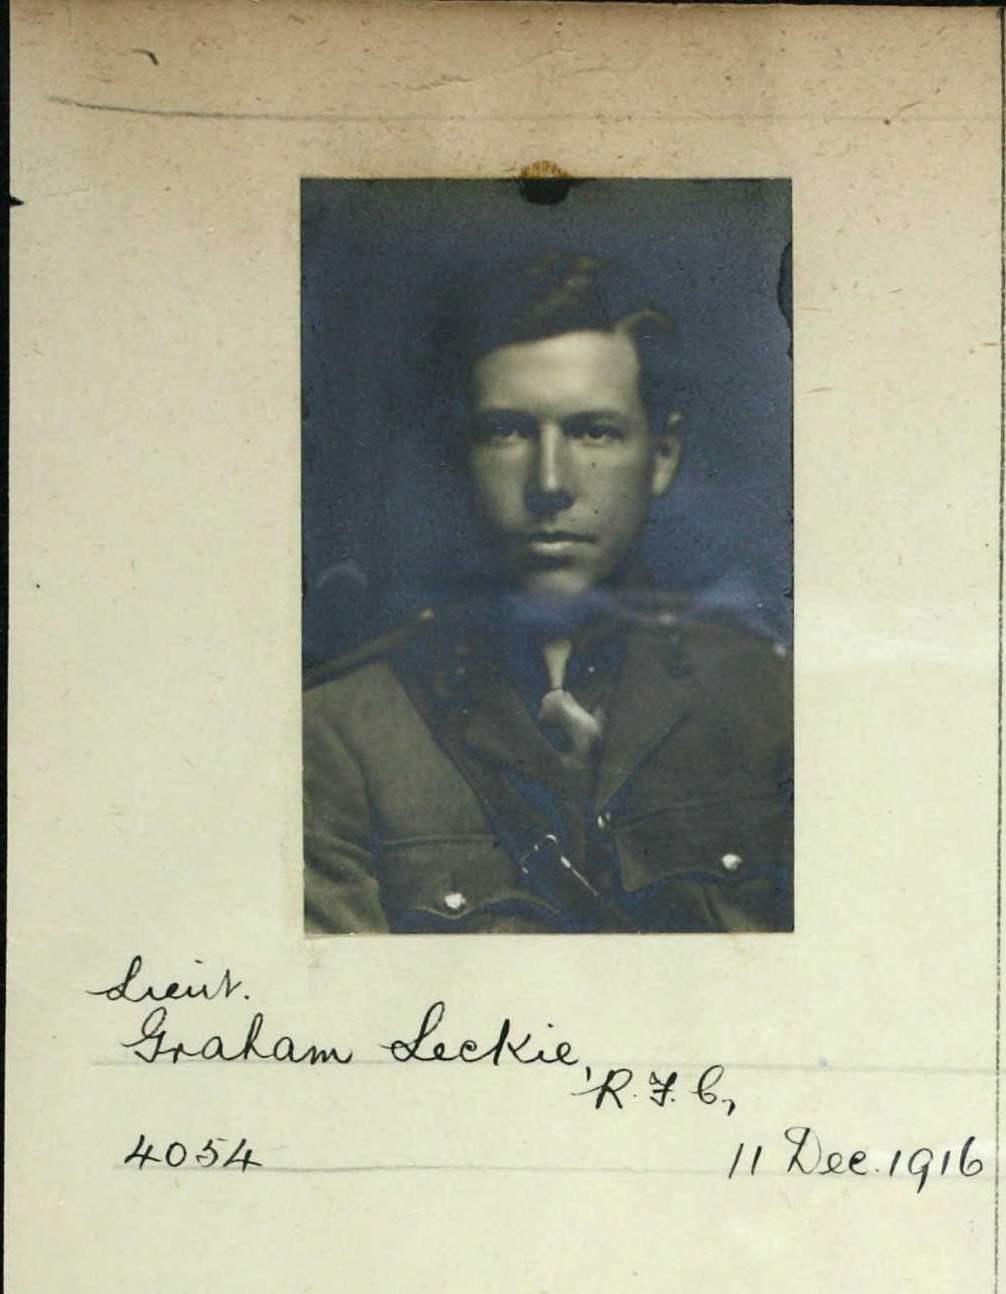 Graham Leckie